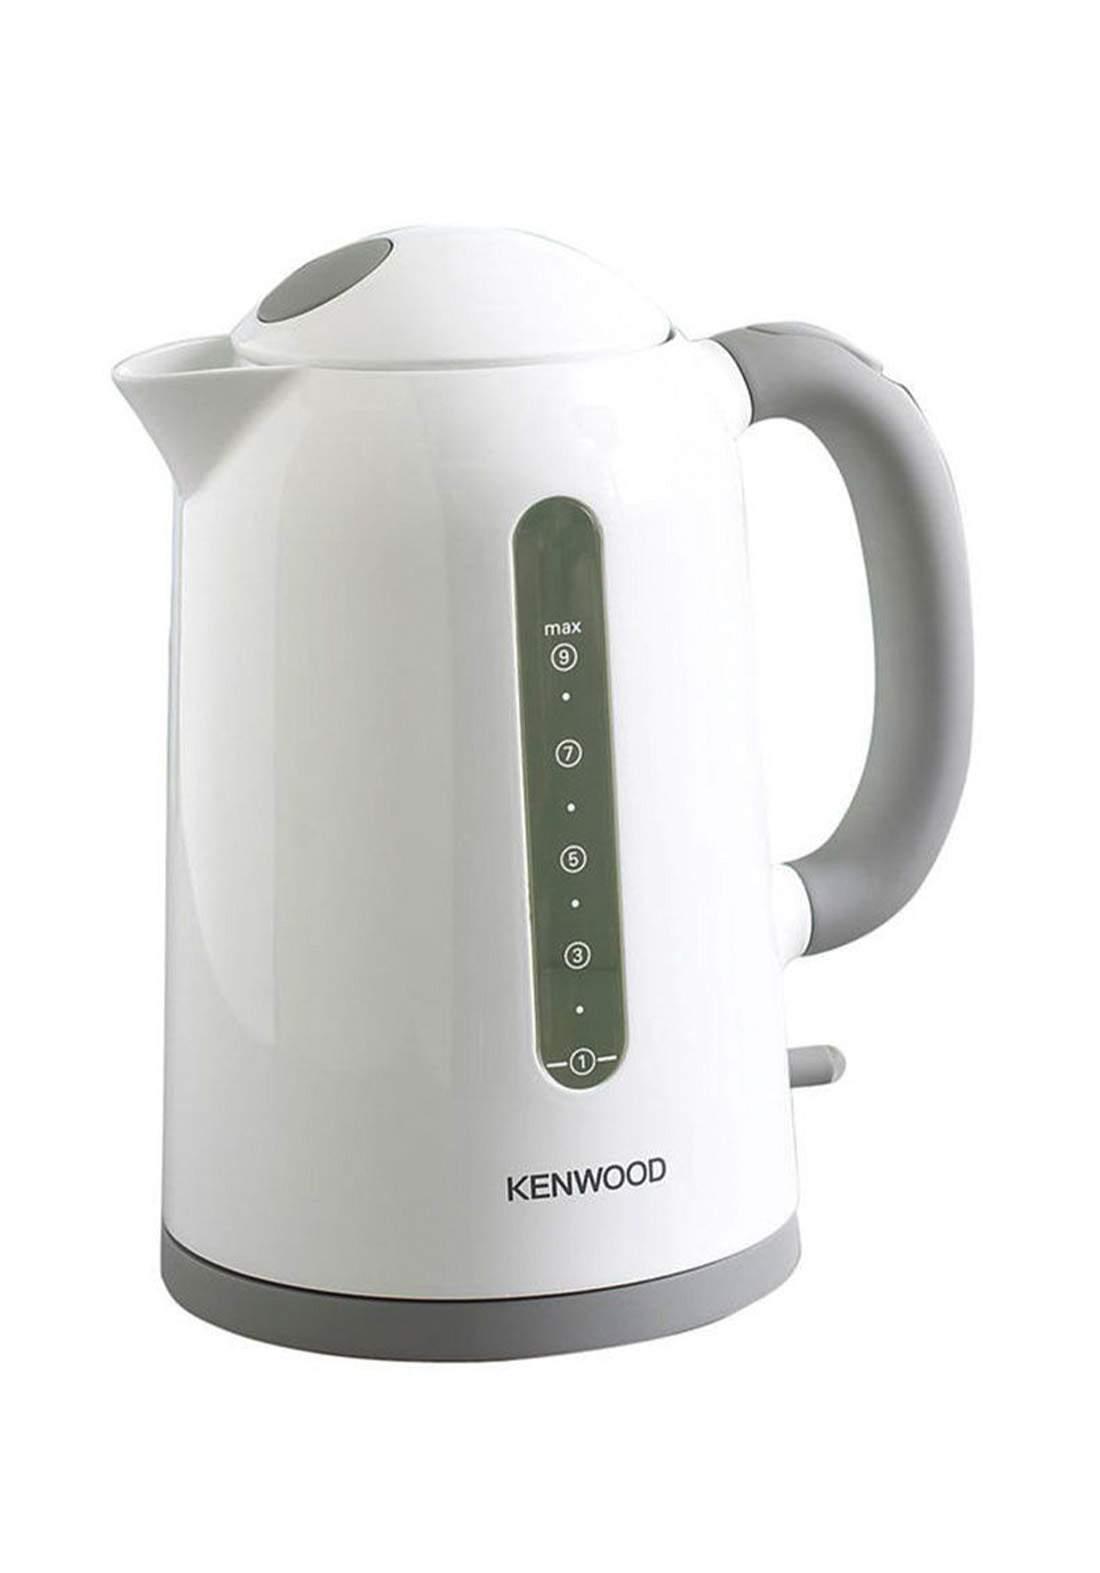 Kenwood   JKP280 Kettle  - White غلاية كهربائية